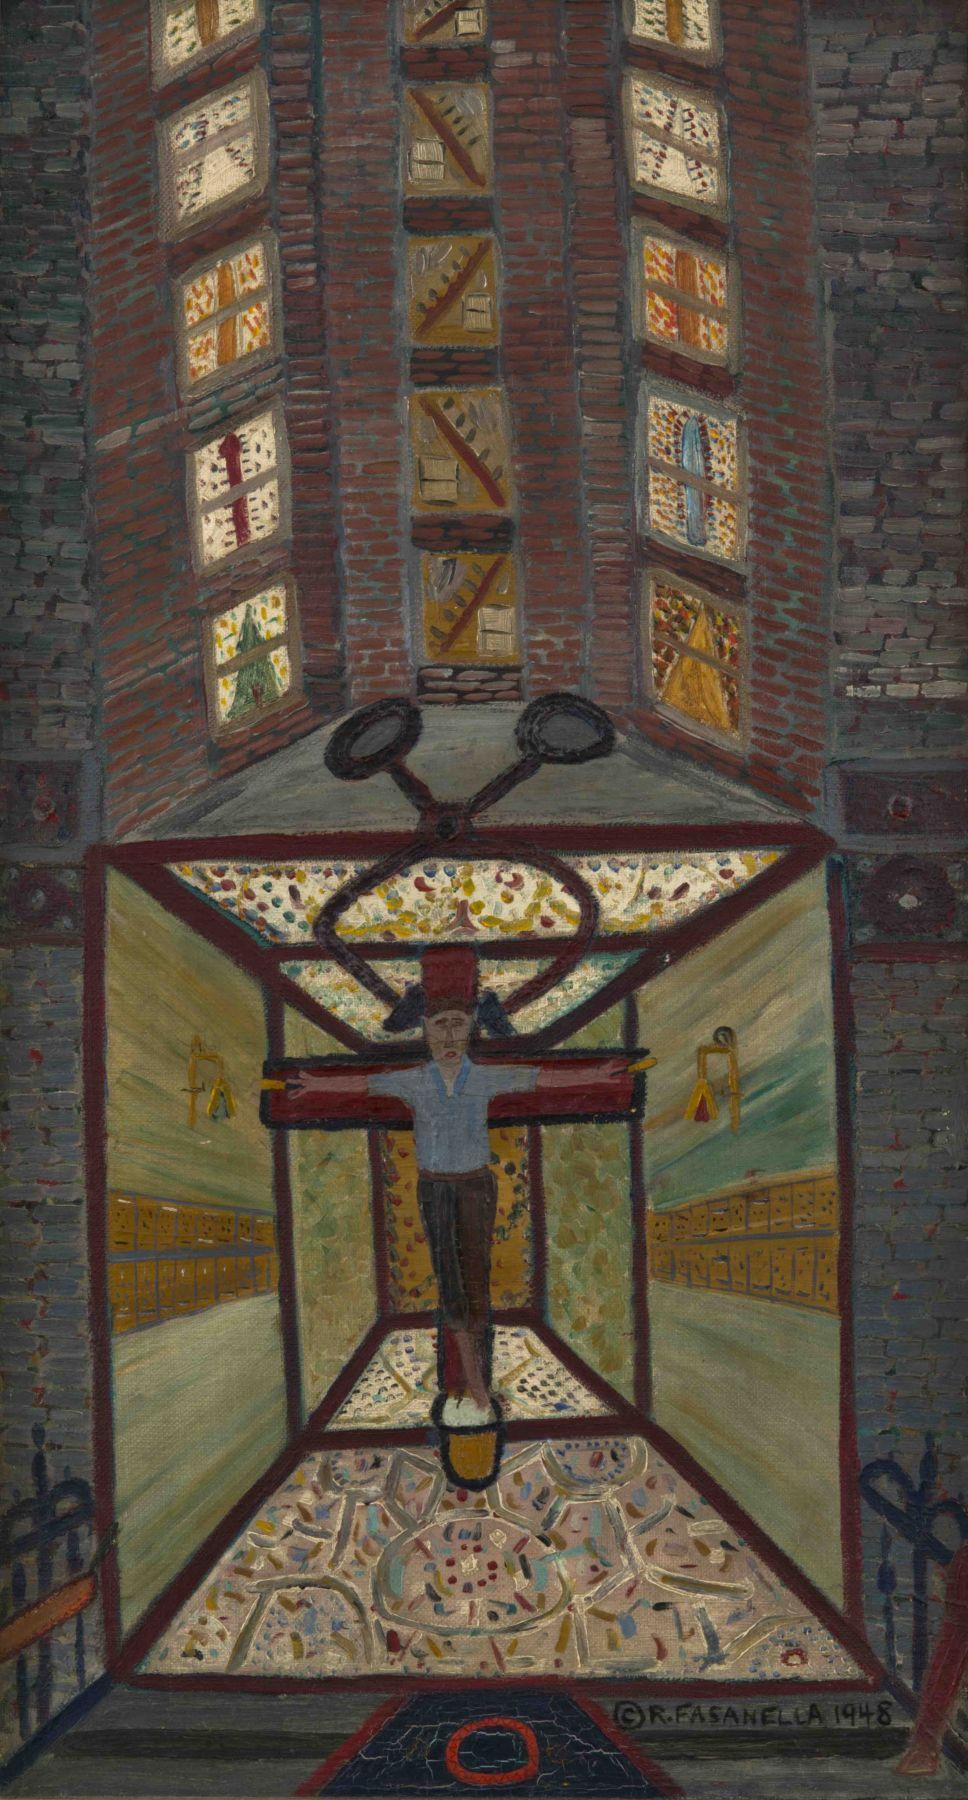 Ralph Fasanella Iceman Crucified #1, 1948